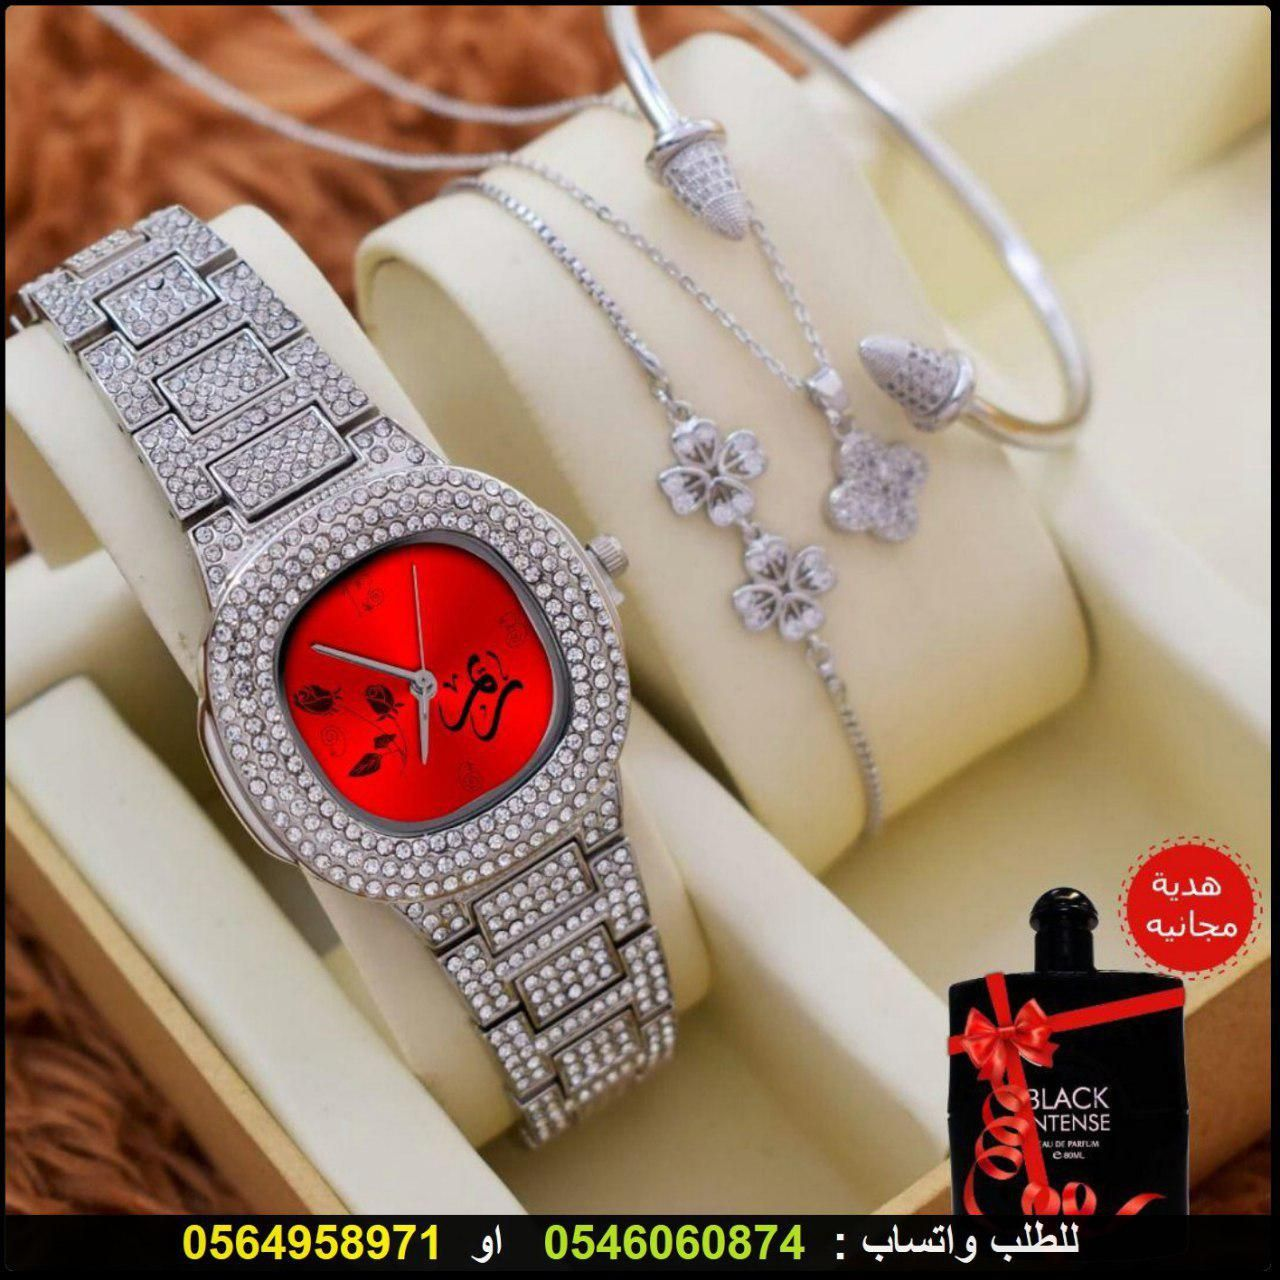 ساعات لوكسوري نسائي بالاسم شكل باتيك فيليب مع اسوارتين و سلسال هدايا هنوف Bracelet Watch Accessories Bracelets